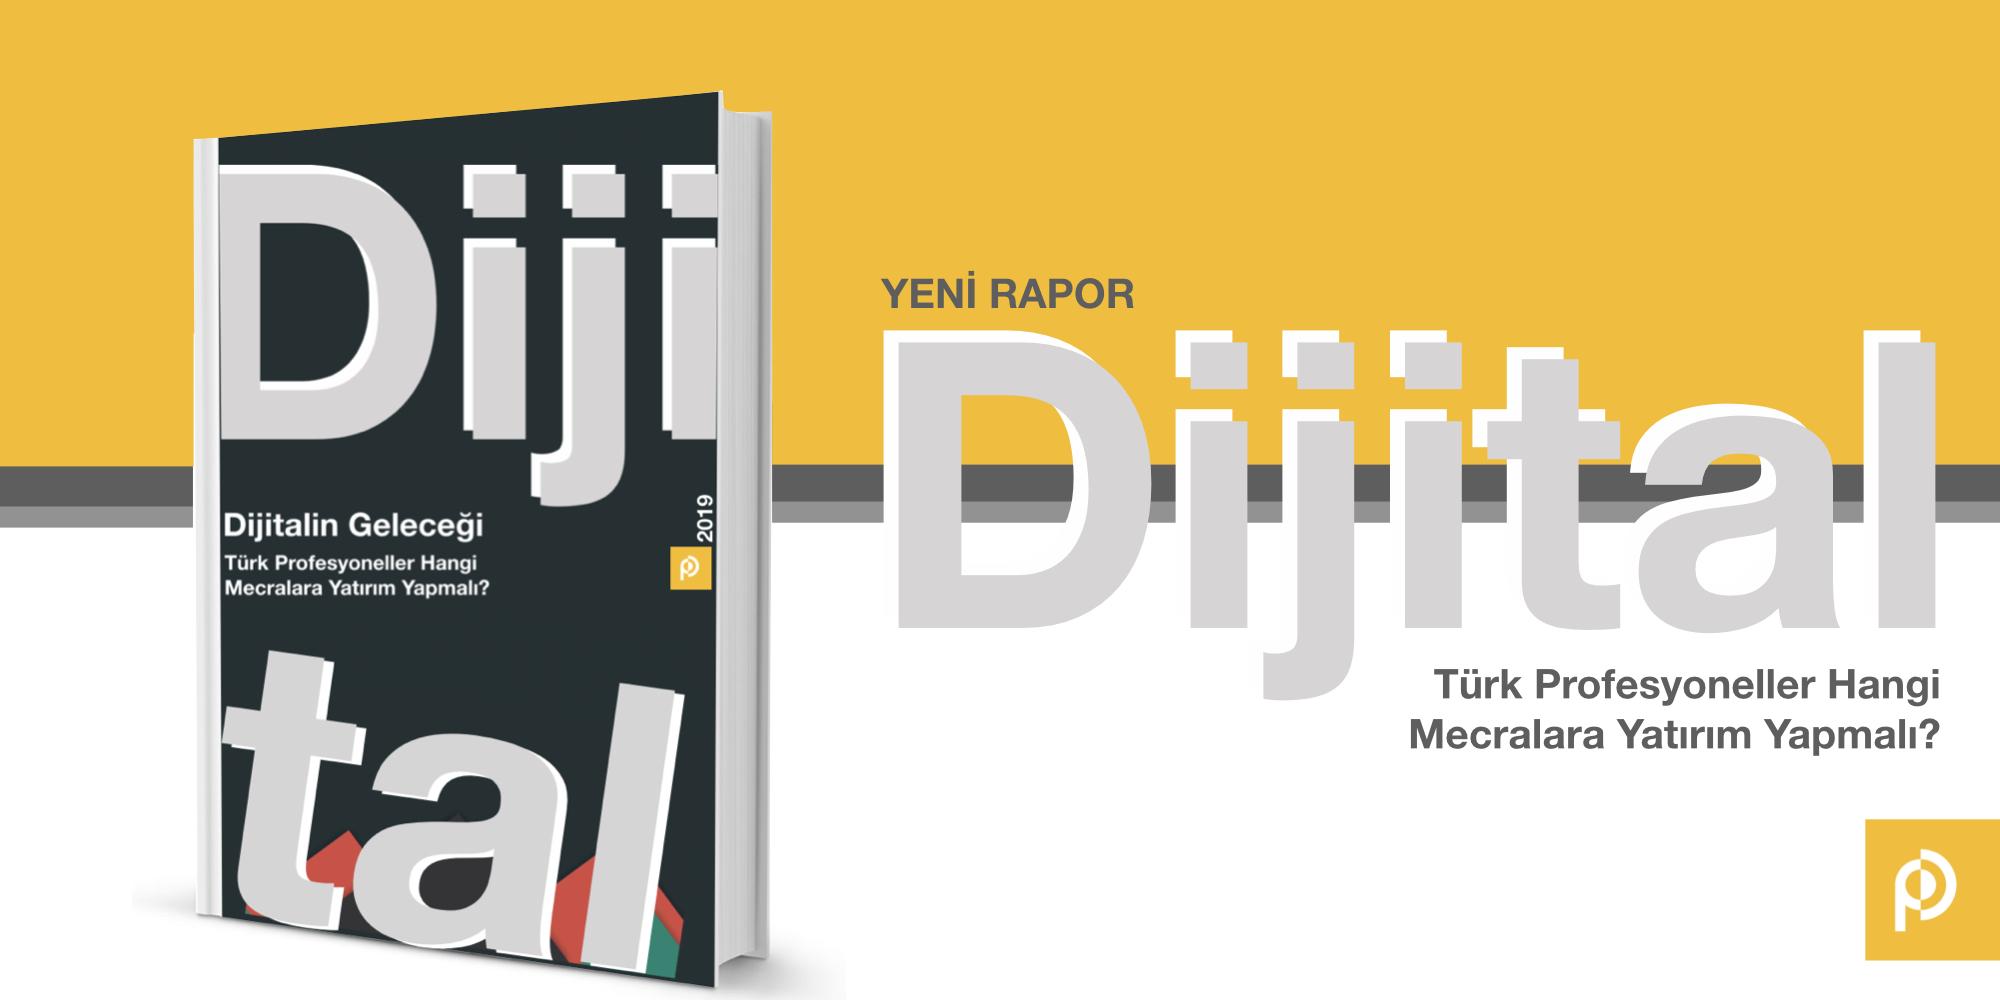 """""""Dijitalin Geleceği: Türk Profesyoneller Hangi Mecralara Yatırım Yapmalı? – 2019"""" Raporu Yayında"""